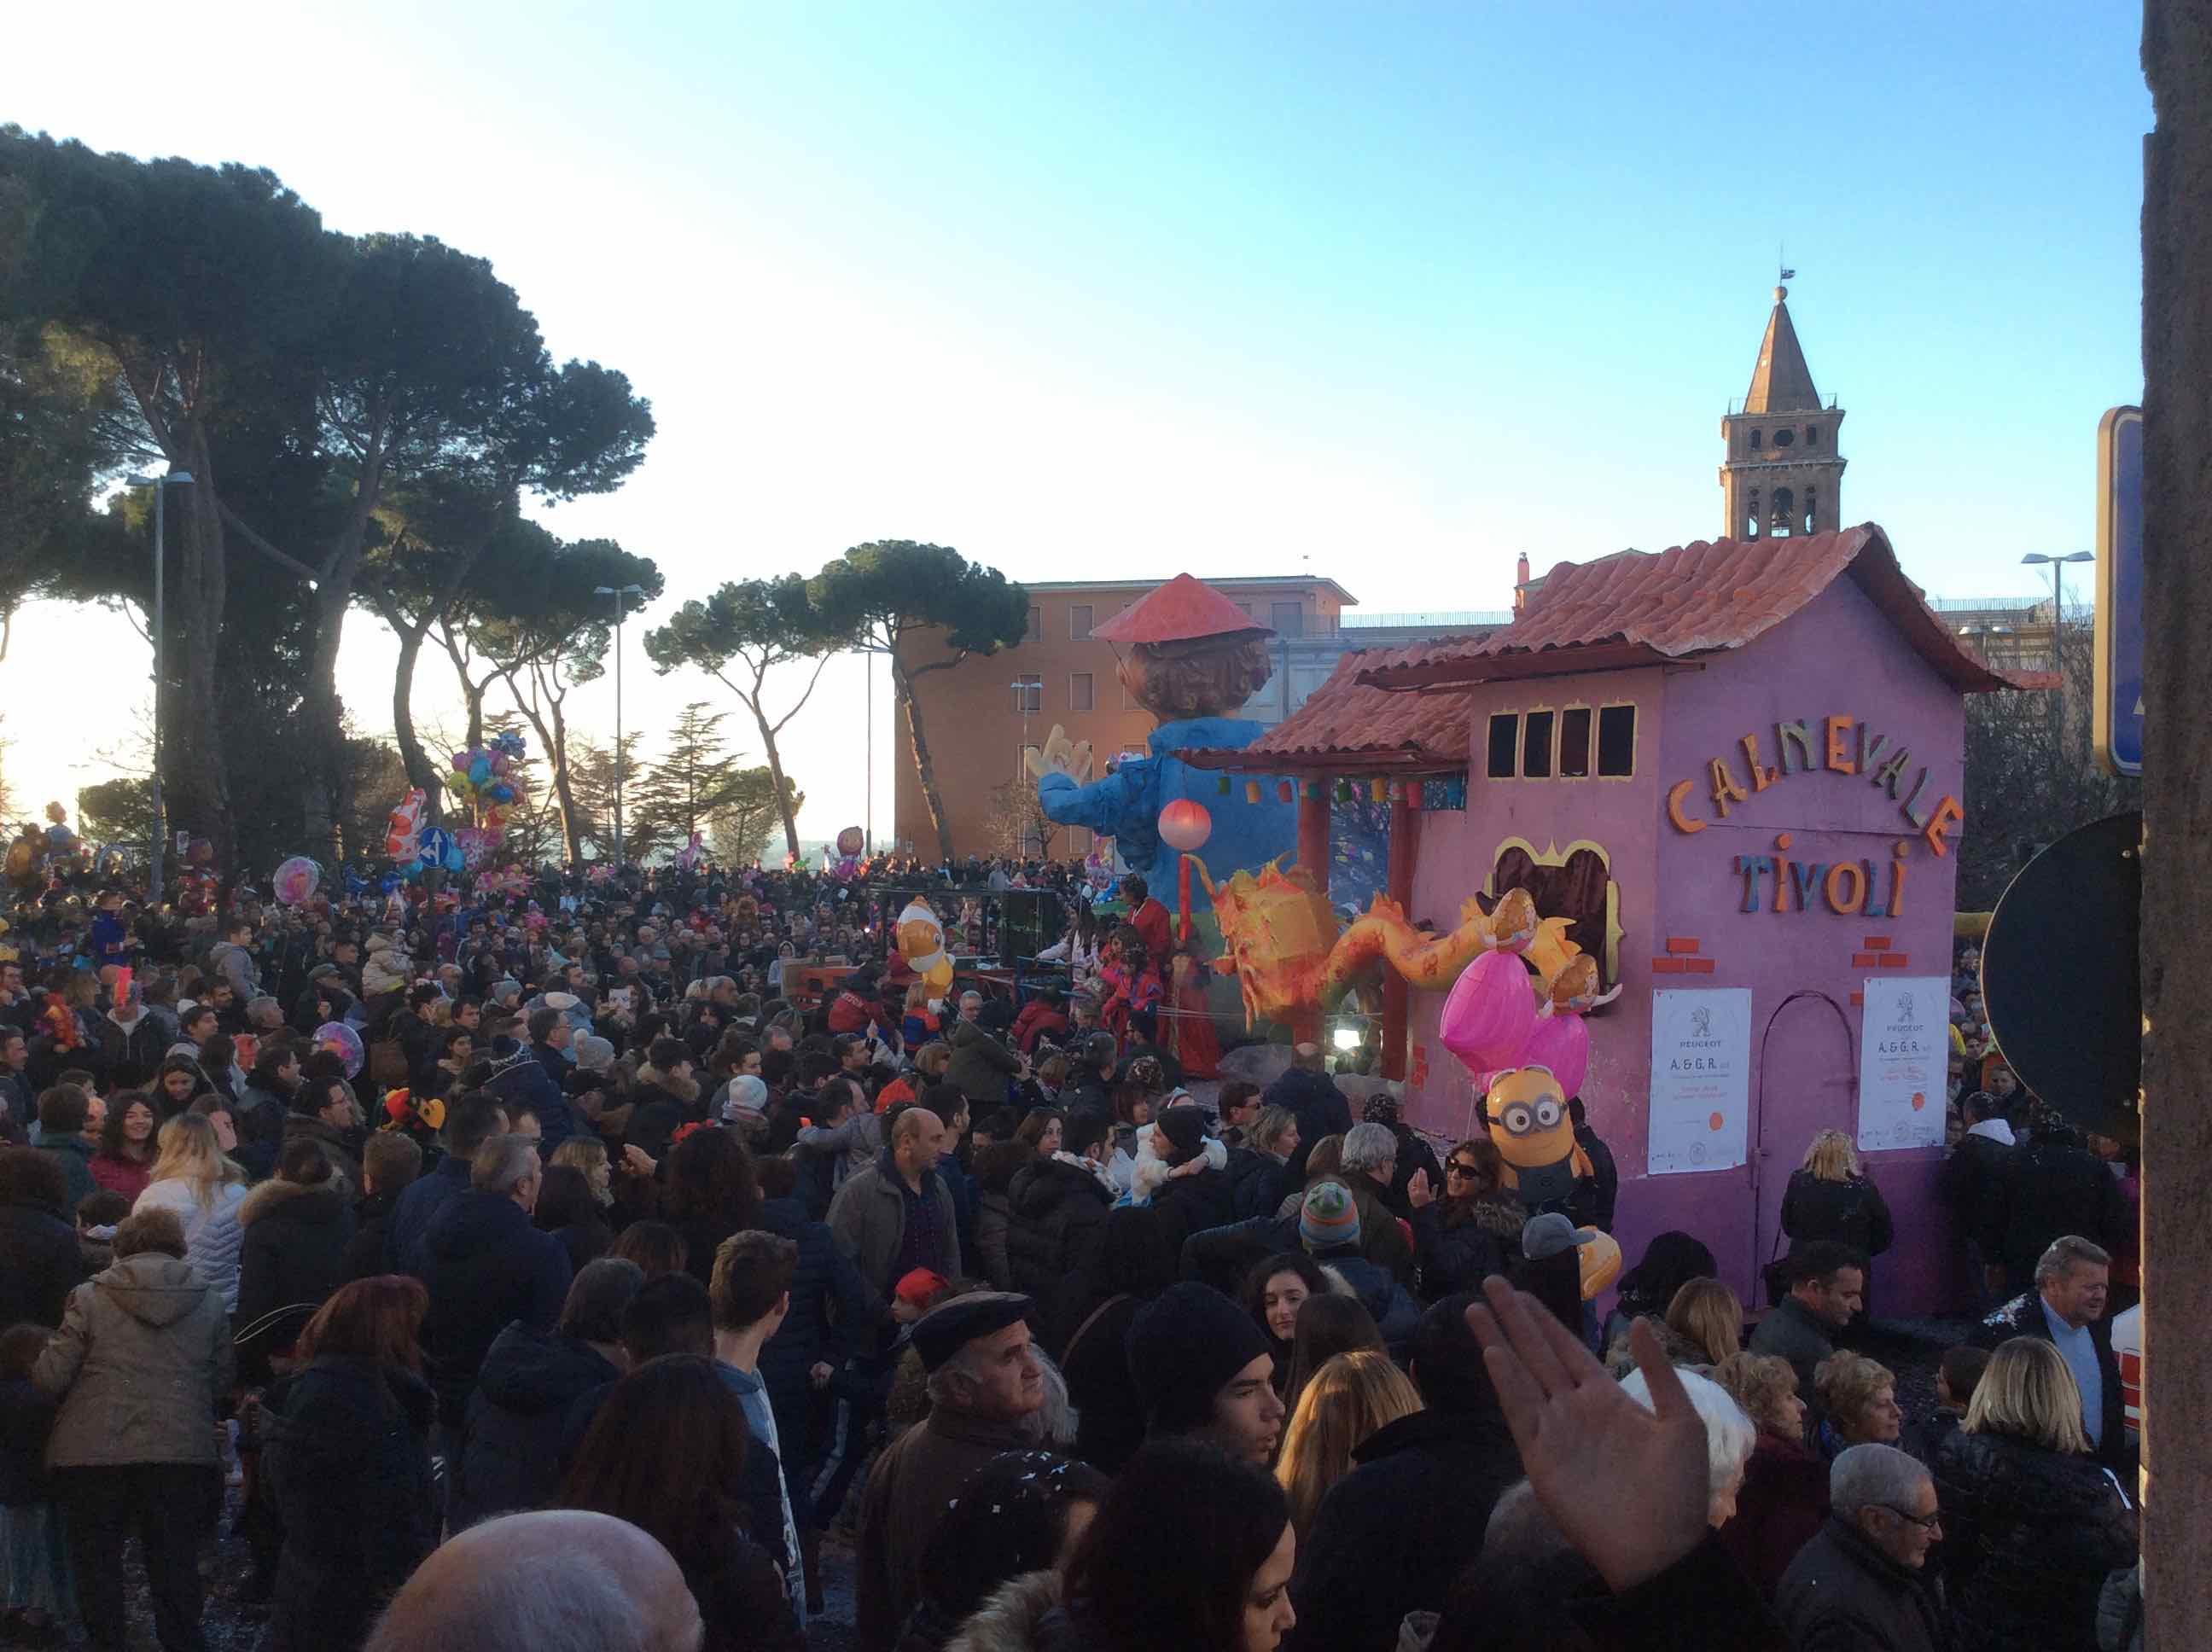 Tivoli, carri, carretti e carriole: pioggia di polemiche sul Carnevale 2017